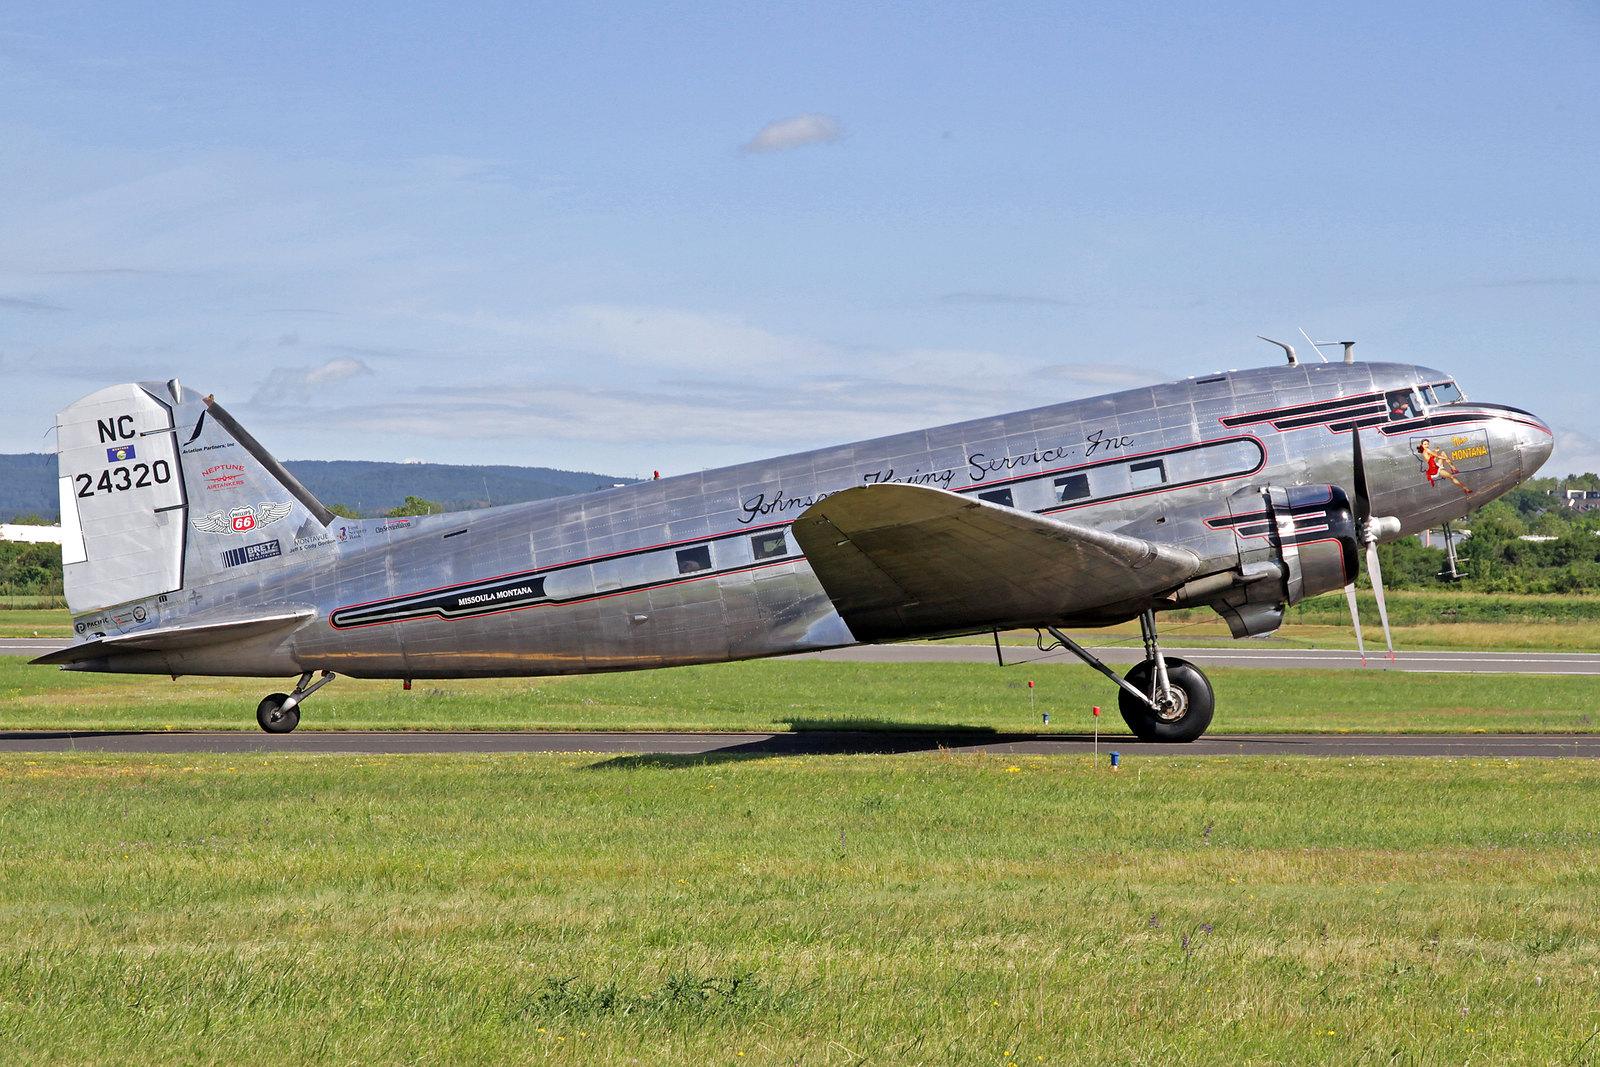 """N24320 - """"Miss Montana"""" wurde als eine C-47A-90-DL im Jahre 1943 gebaut und danach mit der Kennung 43-15731 an die United States Army Air Force ausgeliefert. Im Jahre 1946 wurde sie vom Johnson Flying Service mit der zivilen Kennung NC24320 übernommen."""